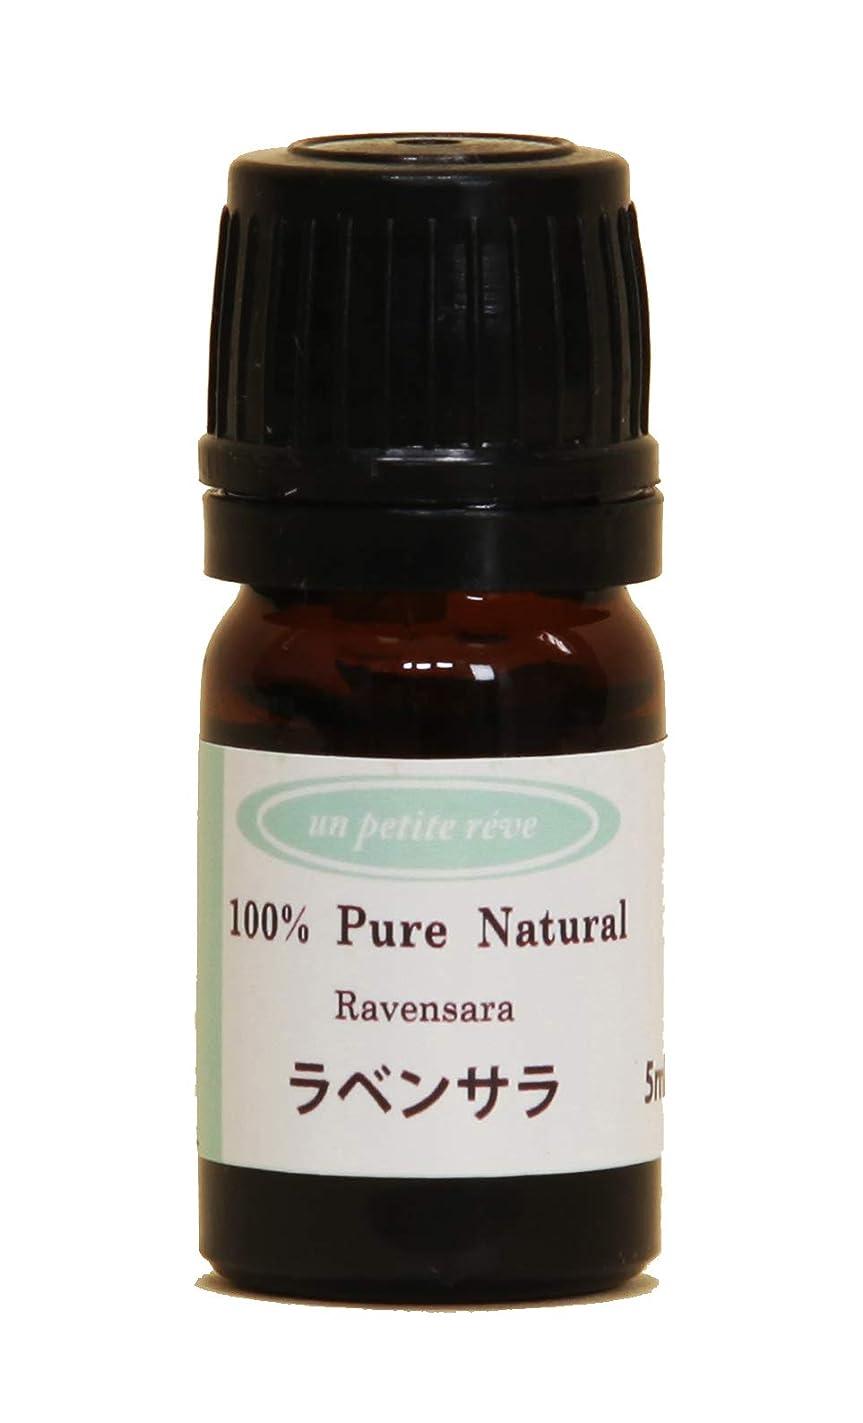 マスクジャンピングジャック玉ラベンサラ 5ml 100%天然アロマエッセンシャルオイル(精油)